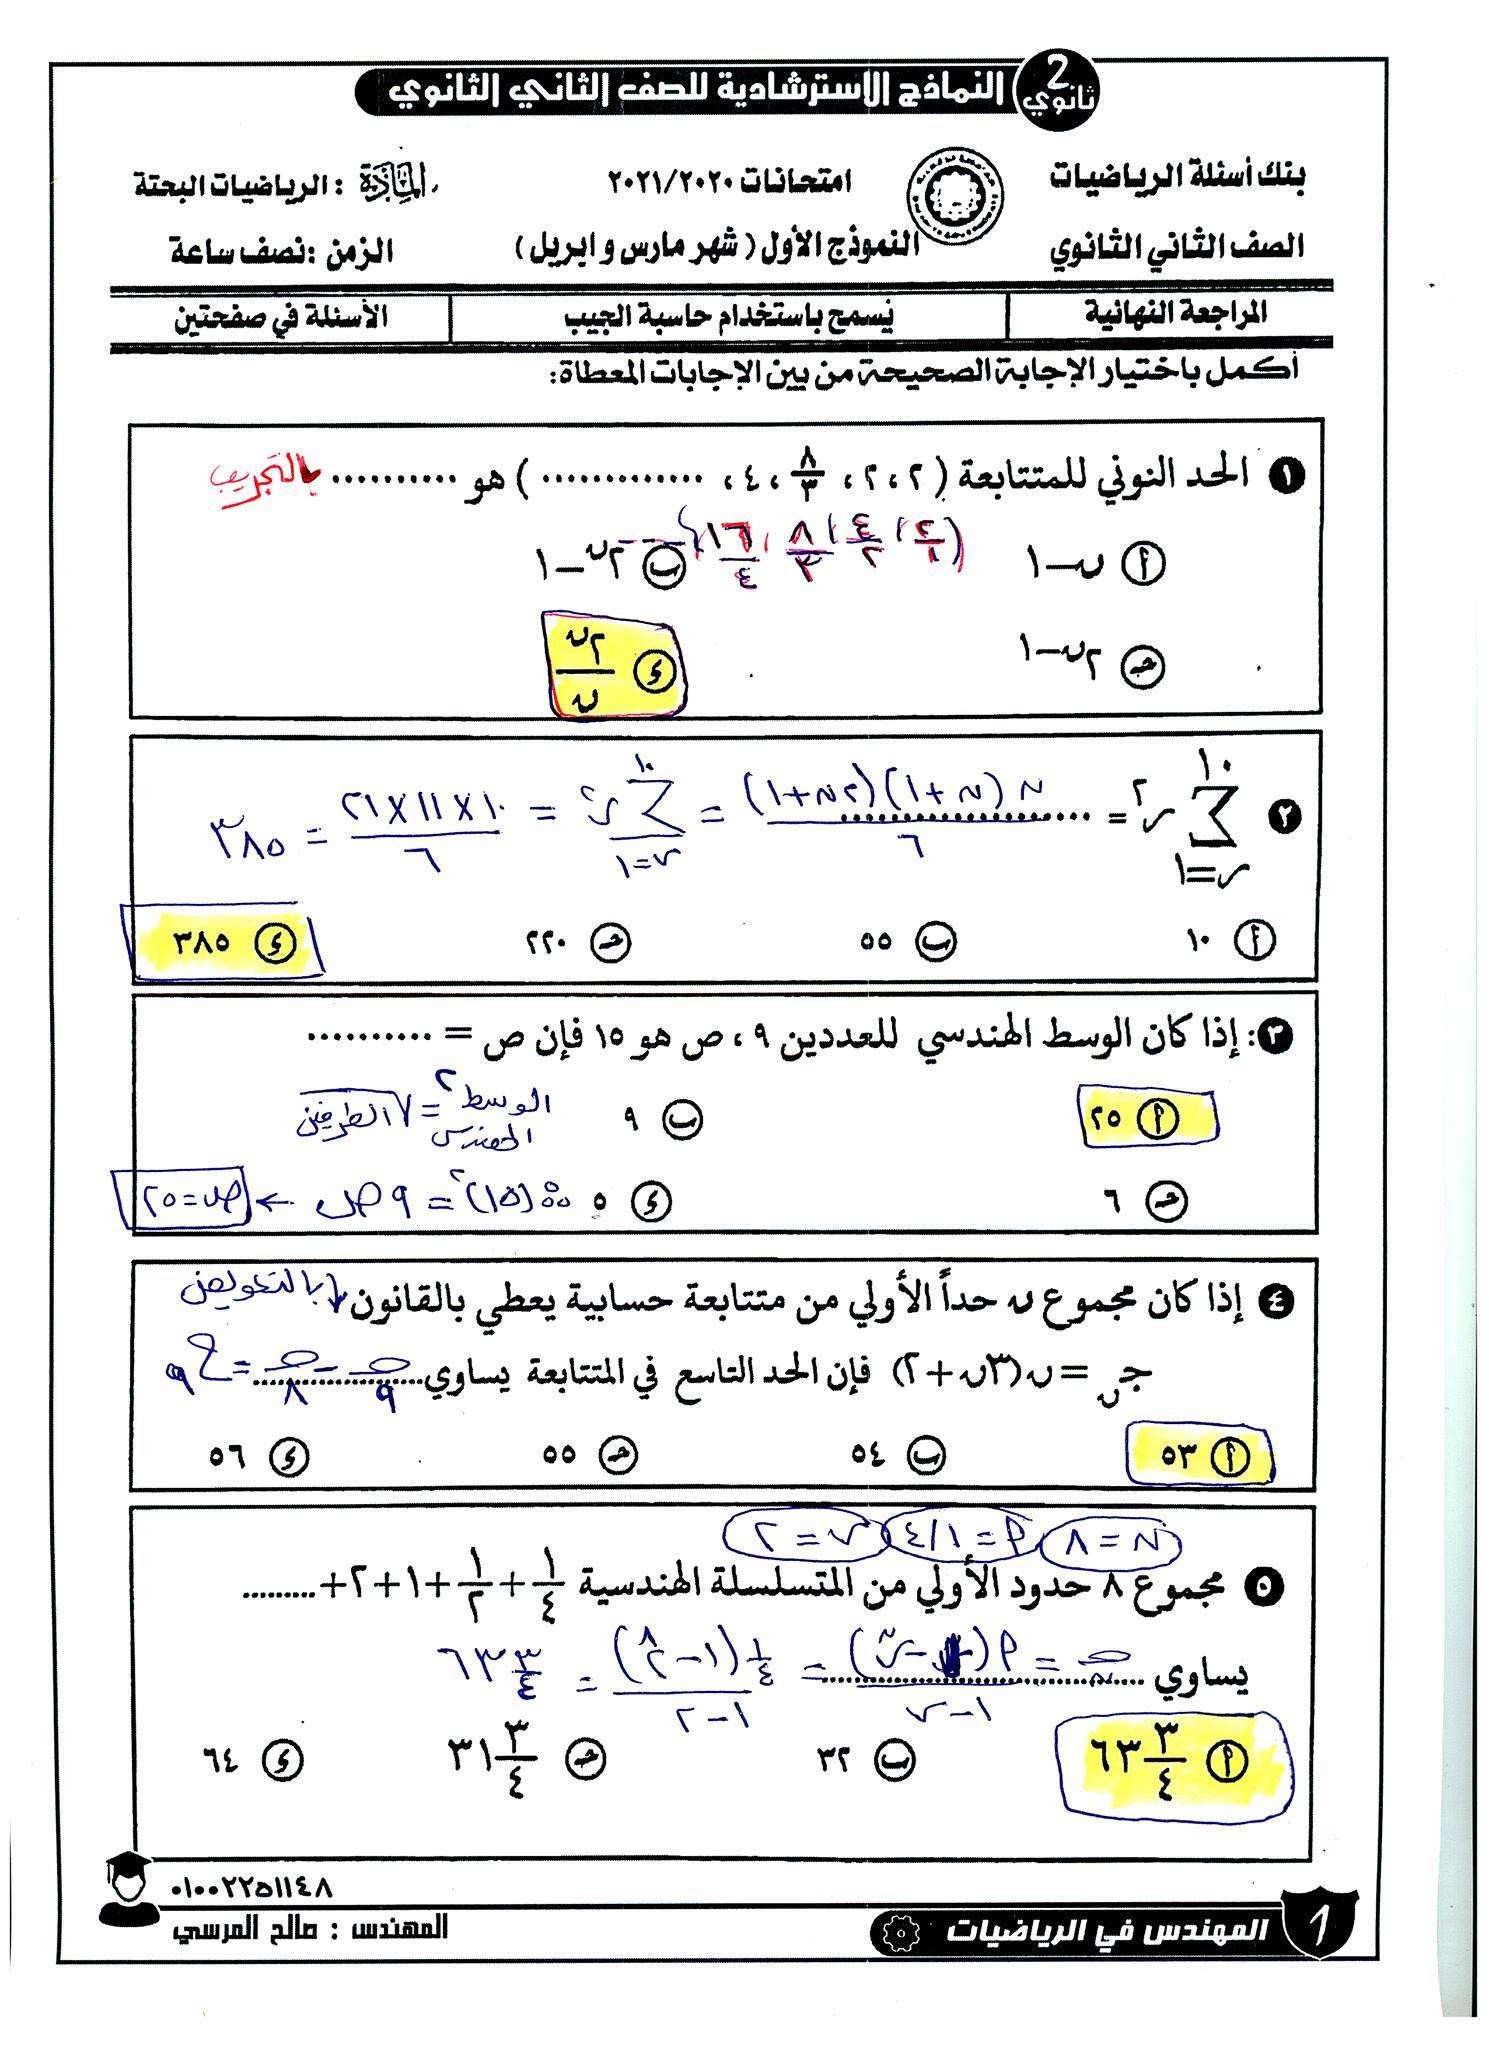 مراجعة ليلة امتحان الرياضيات البحتة للصف الثاني الثانوي بالاجابات 1